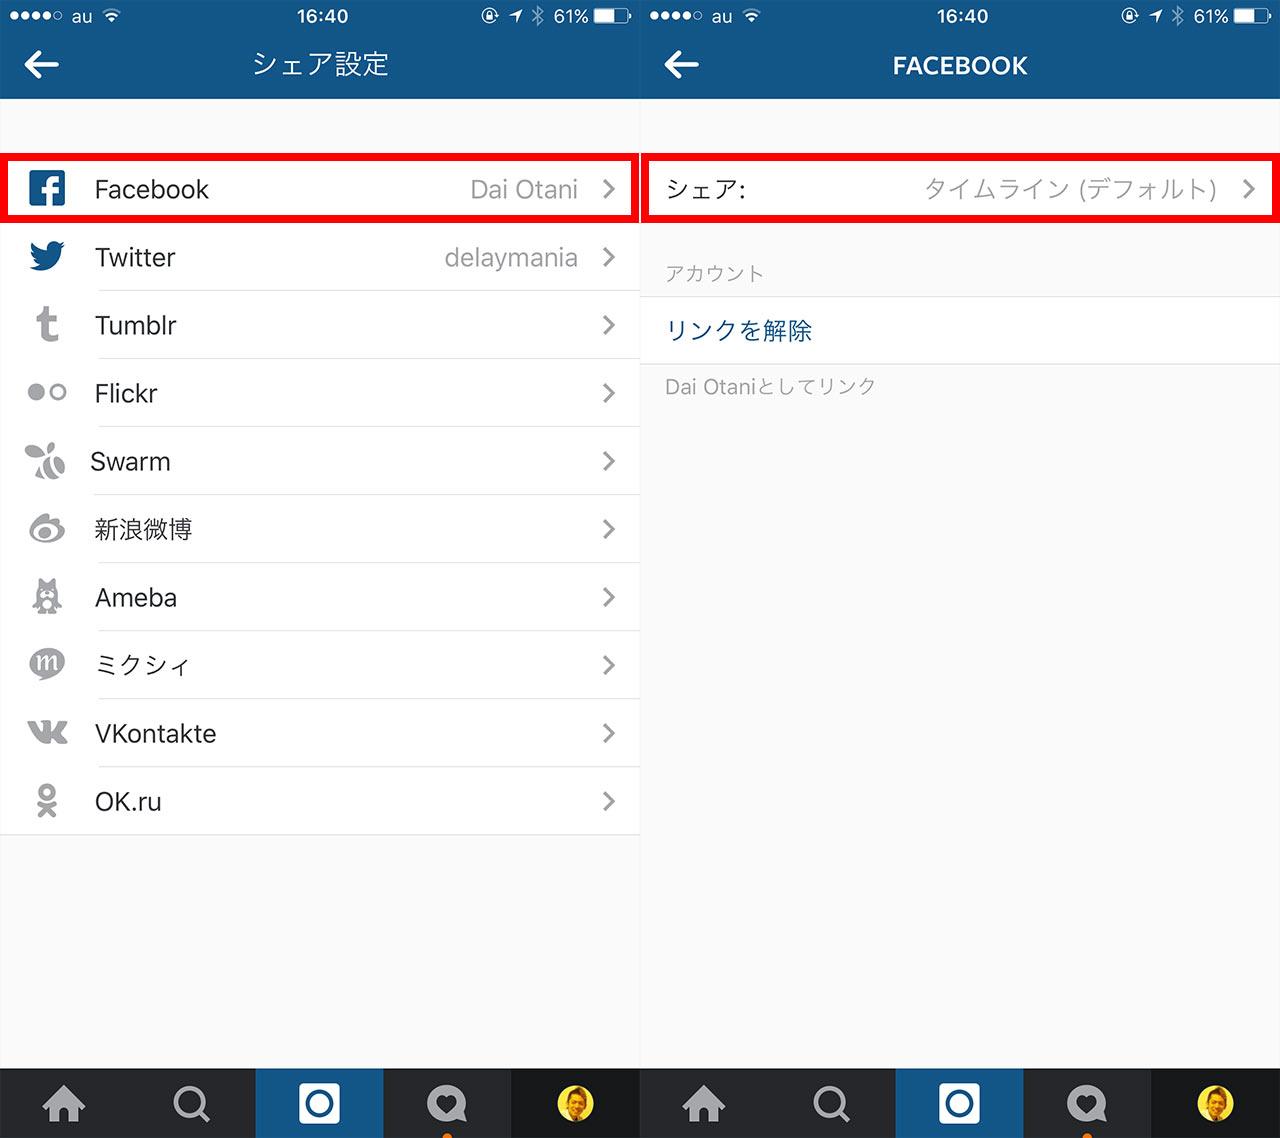 Instagramで投稿したらFacebookページに送るように連携する設定02